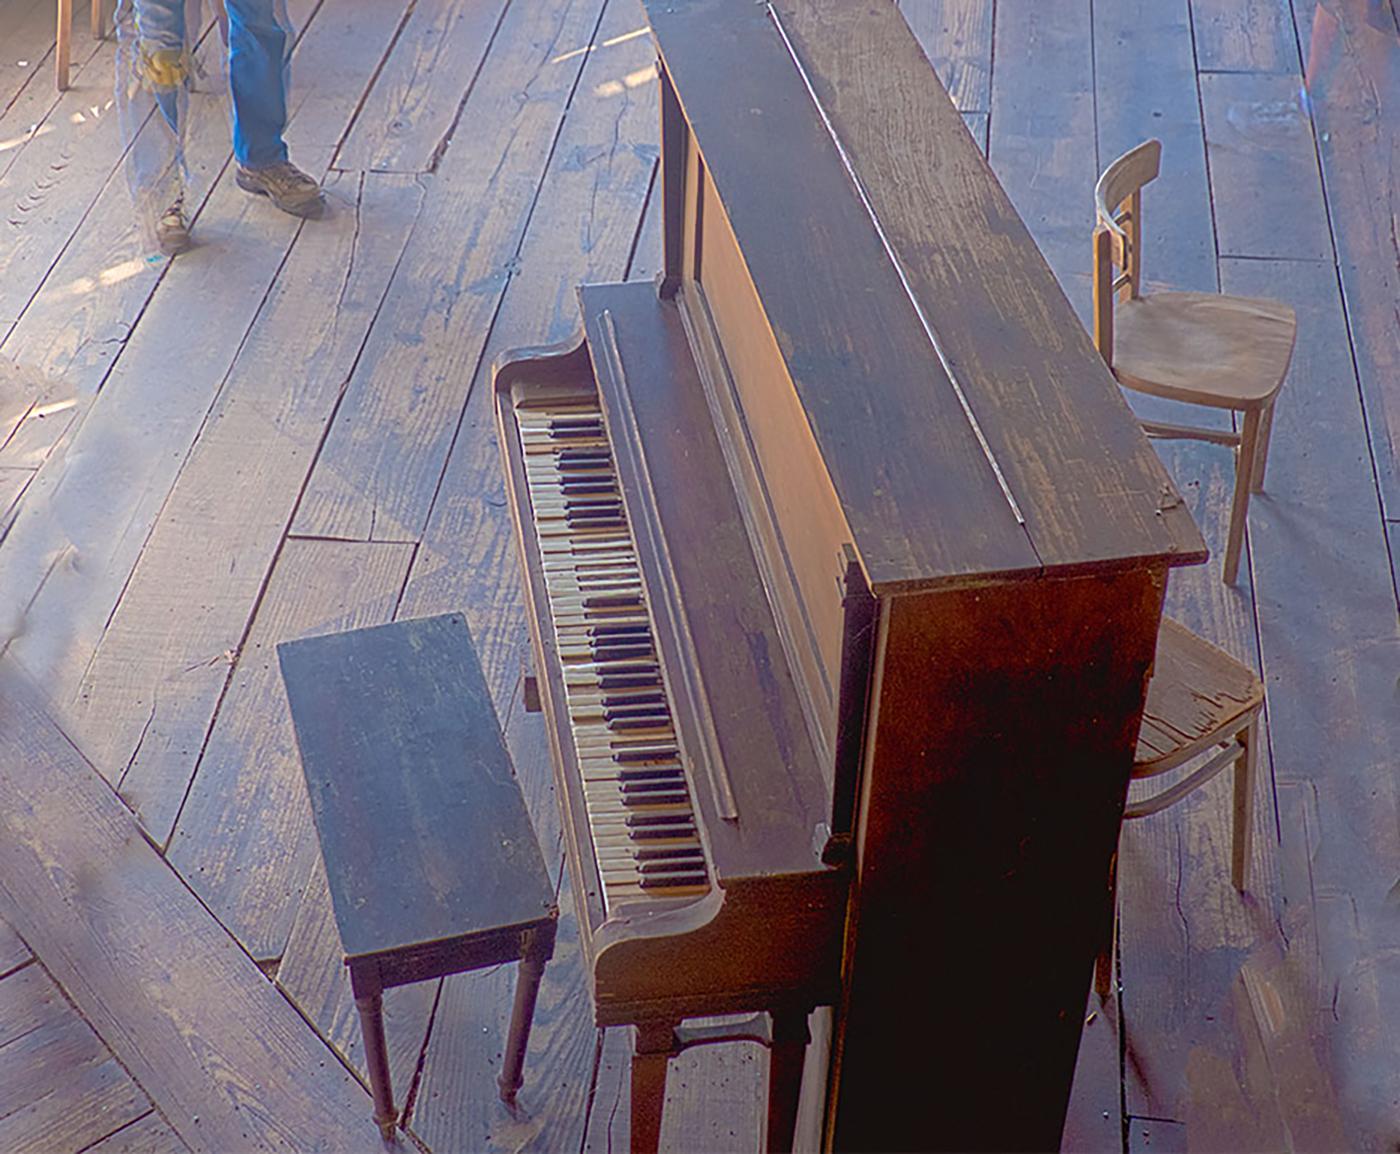 (c) Joyce Saler